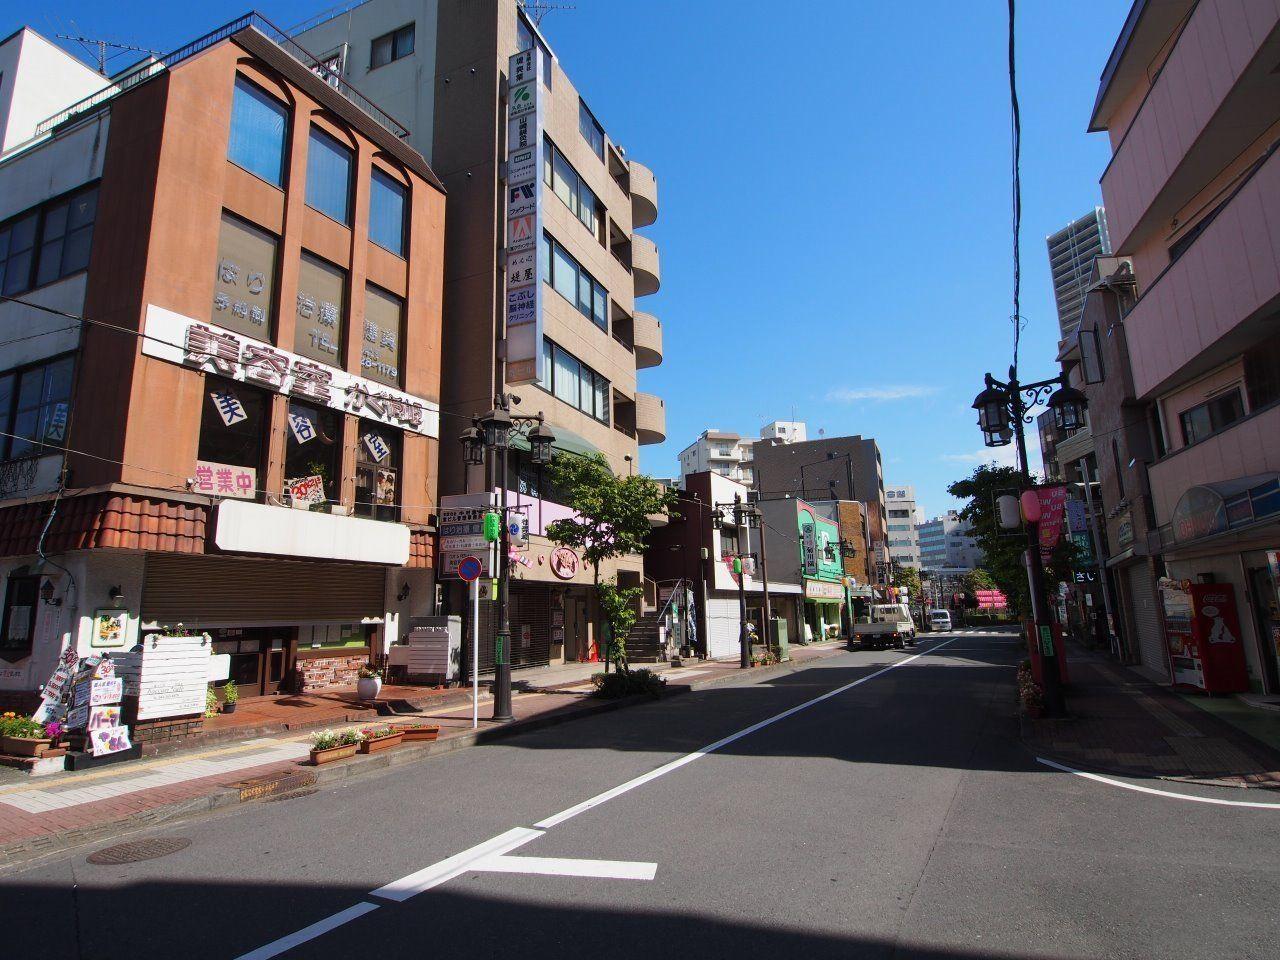 諏訪通り沿いには立川駅前から続く商店街があります